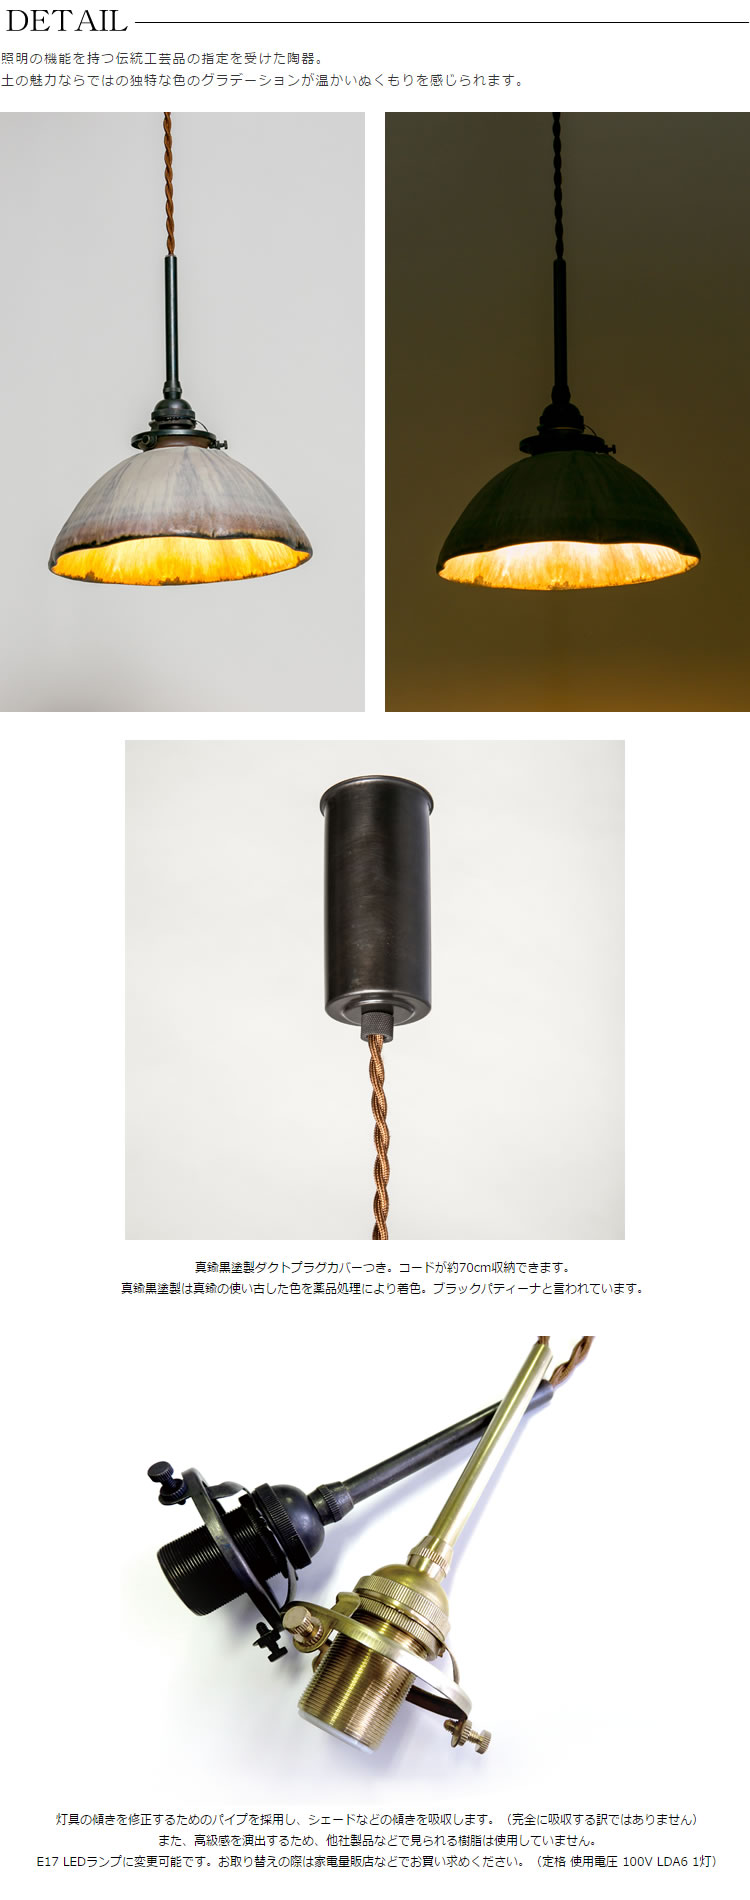 HASU(青模様陶器・ダクト・真鍮黒染)